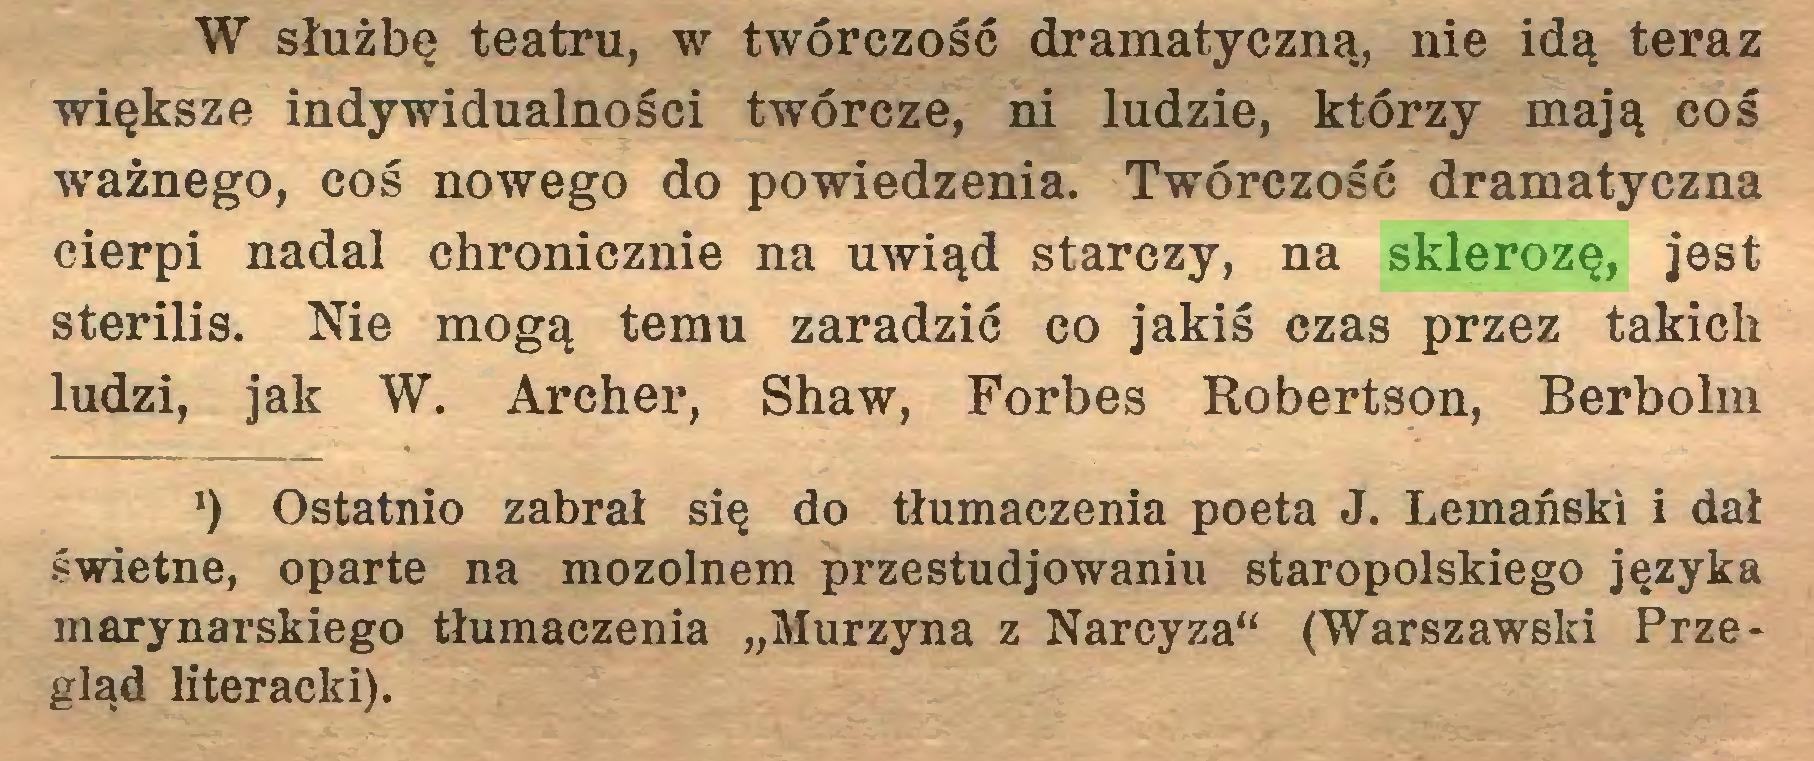 """(...) W służbę teatru, w twórczość dramatyczną, nie idą teraz większe indywidualności twórcze, ni ludzie, którzy mają coś ważnego, coś nowego do powiedzenia. Twórczość dramatyczna cierpi nadal chronicznie na uwiąd starczy, na sklerozę, jest sterilis. Nie mogą temu zaradzić co jakiś czas przez takich ludzi, jak W. Archer, Shaw, Forbes Robertson, Berbołm *) Ostatnio zabrał się do tłumaczenia poeta J. Lemański i dał świetne, oparte na mozolnem przestudiowaniu staropolskiego języka marynarskiego tłumaczenia """"Murzyna z Narcyza"""" (Warszawski Przegląd literacki)..."""